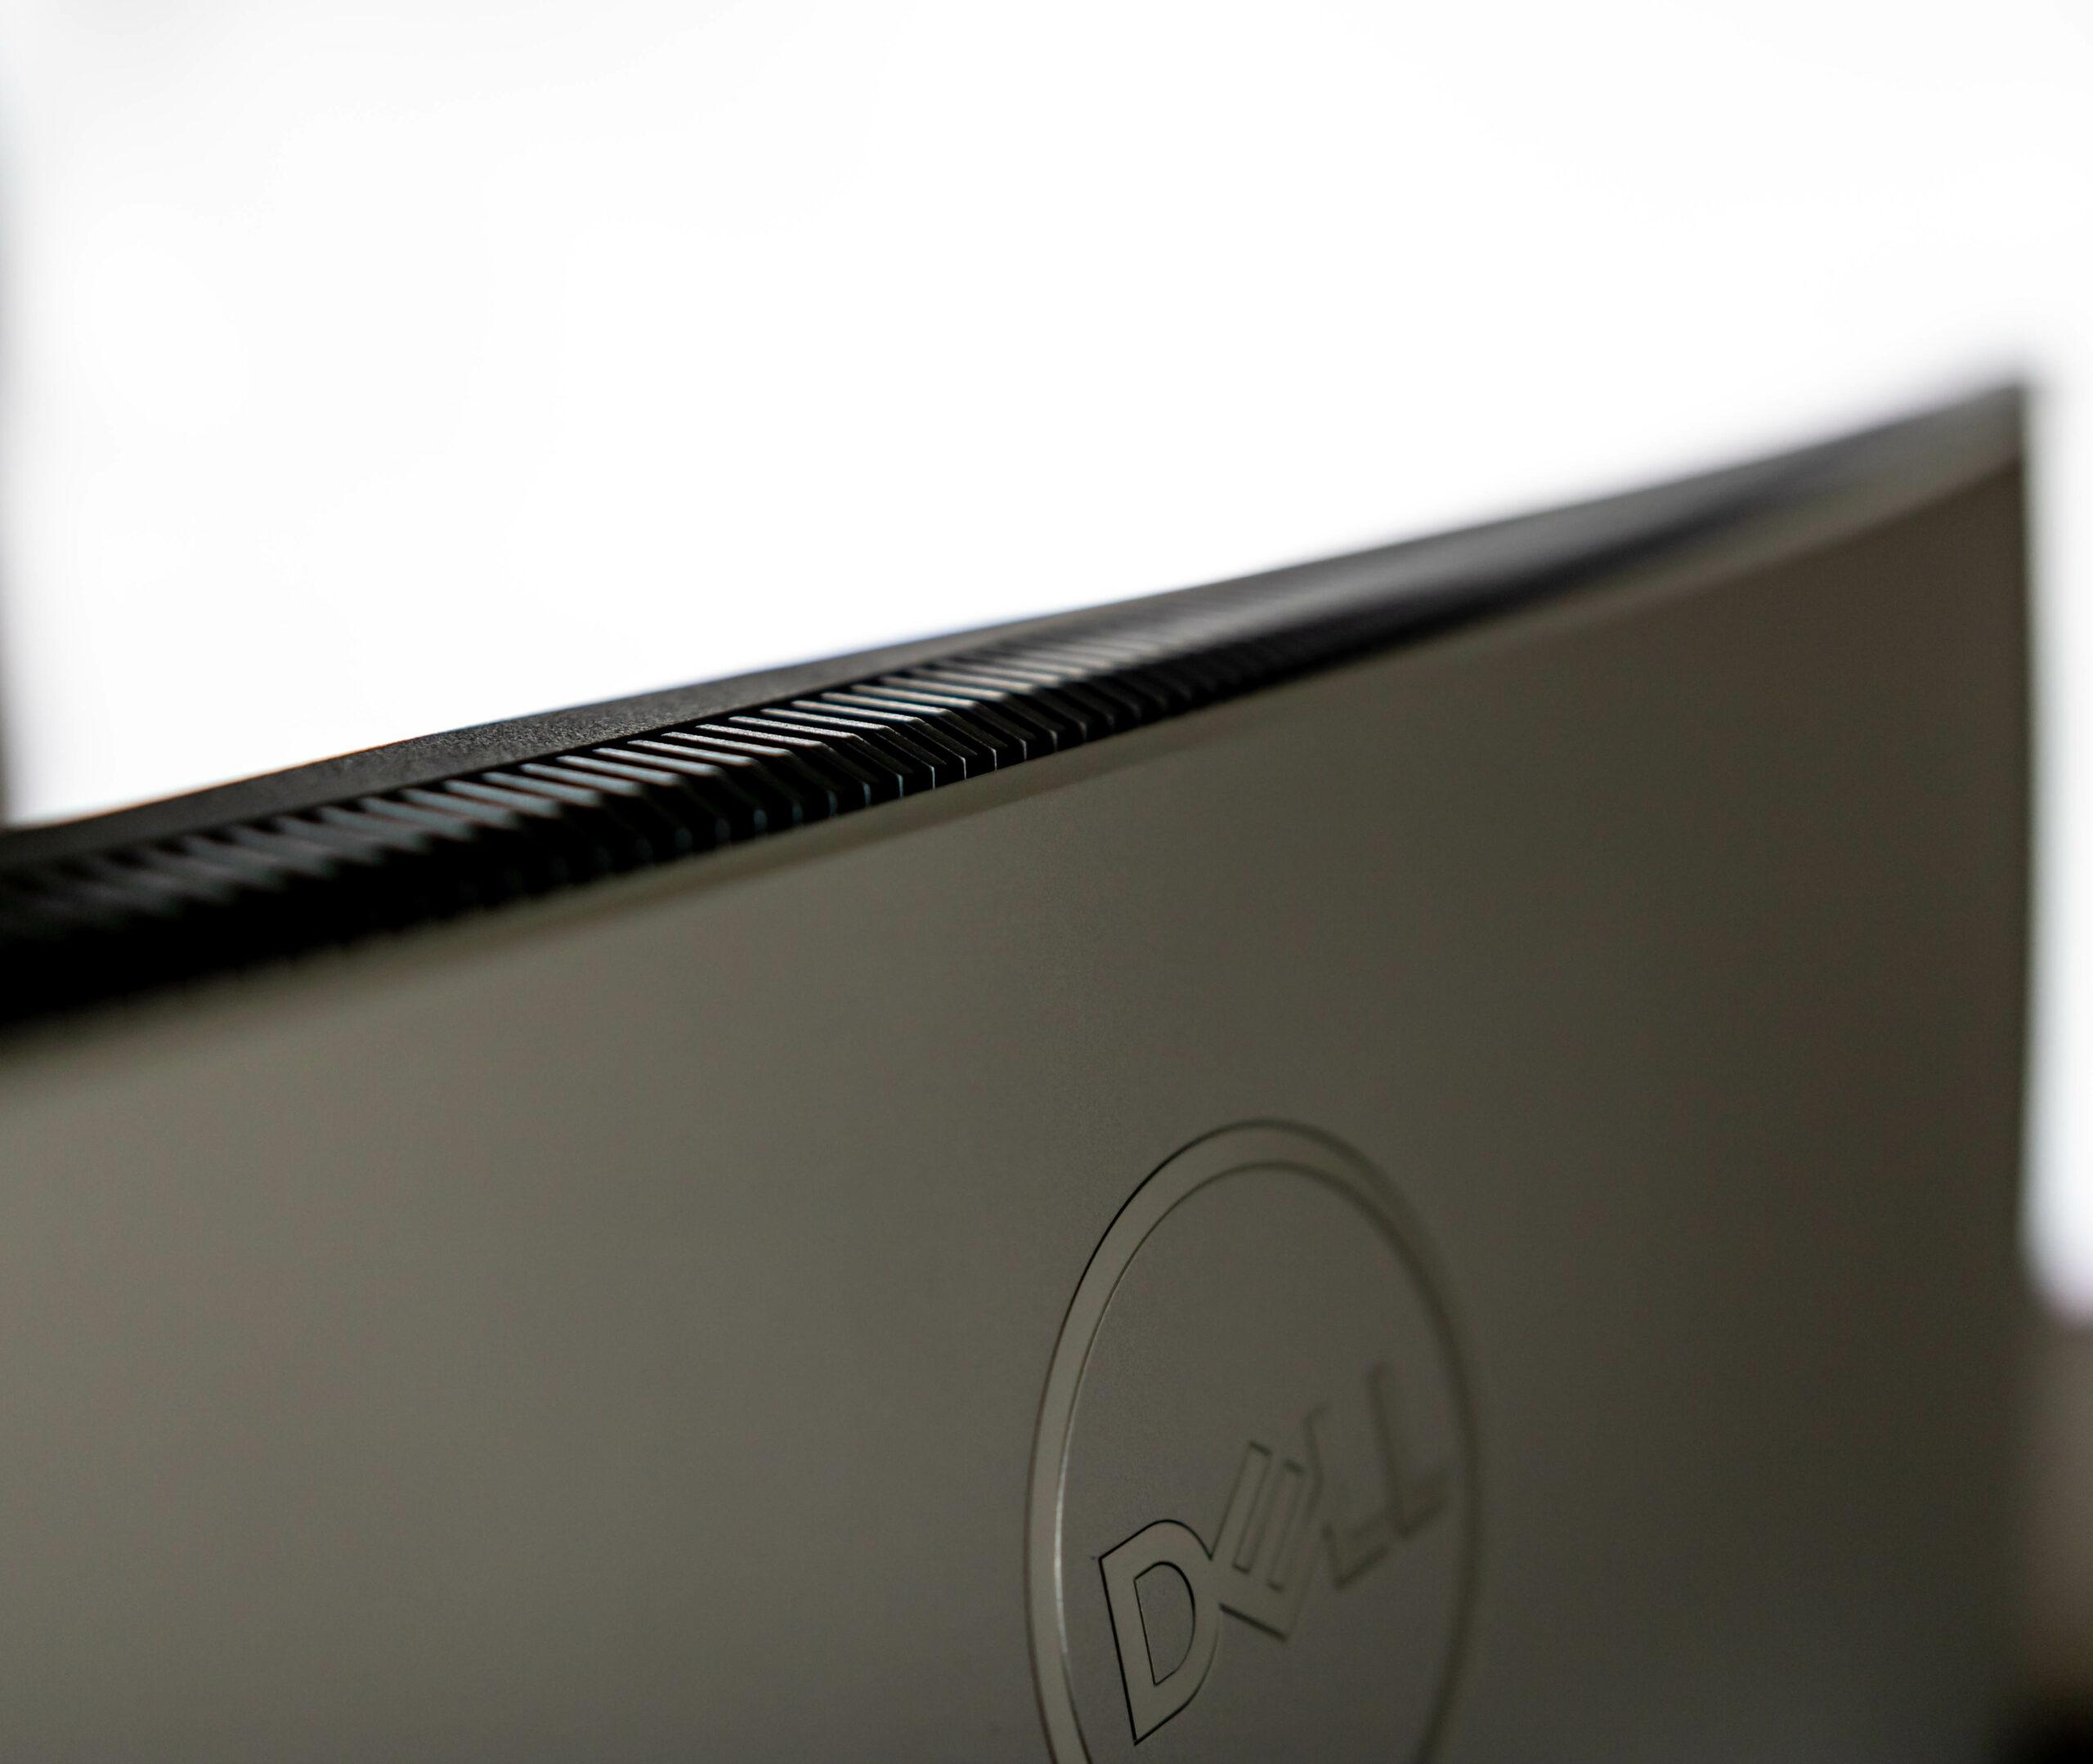 Dell UltraSharp U3421WE - Luftschlitze